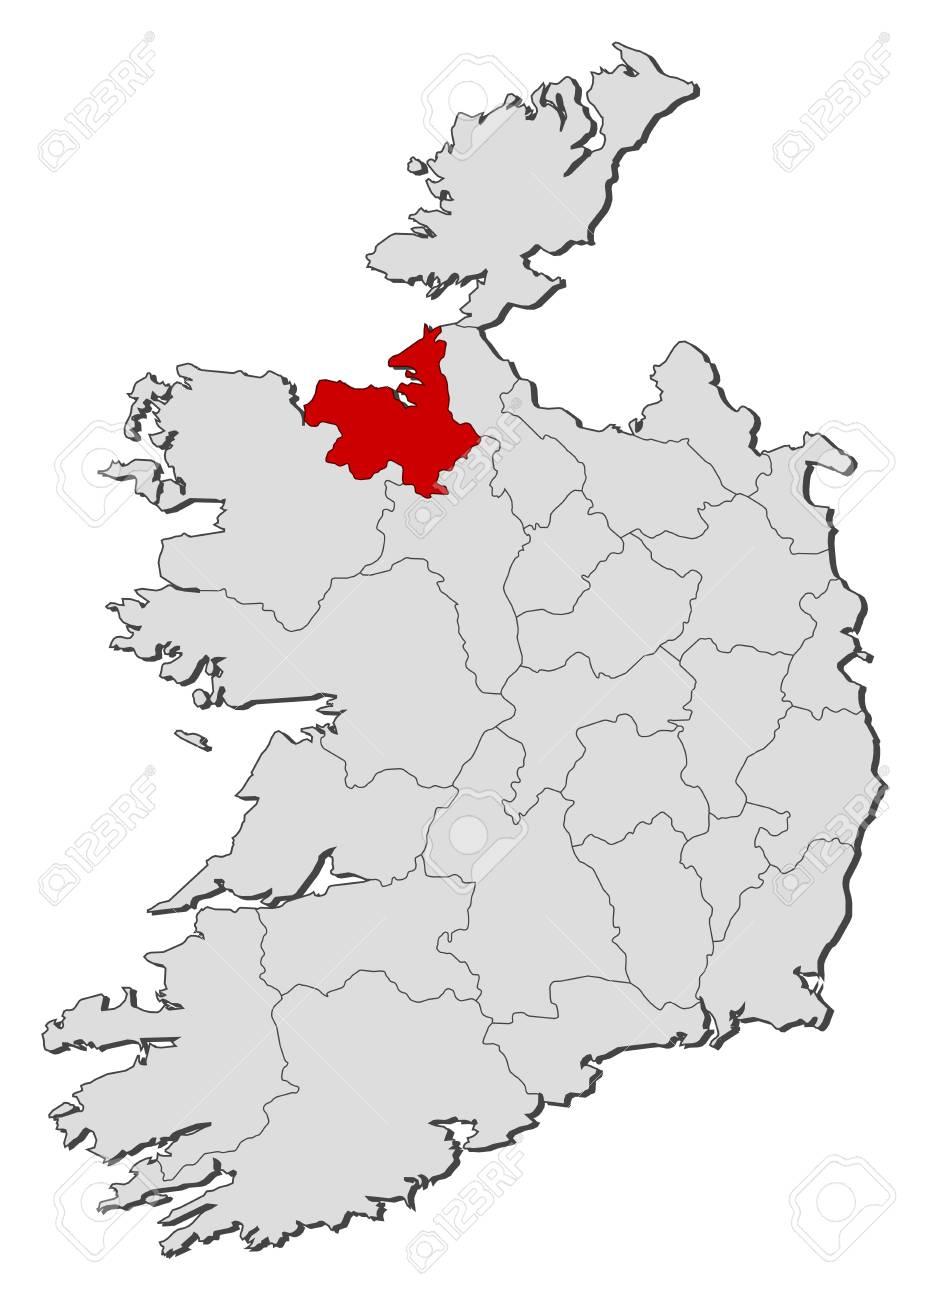 Sligo Map Of Ireland.Map Of Ireland With The Provinces Sligo Is Highlighted